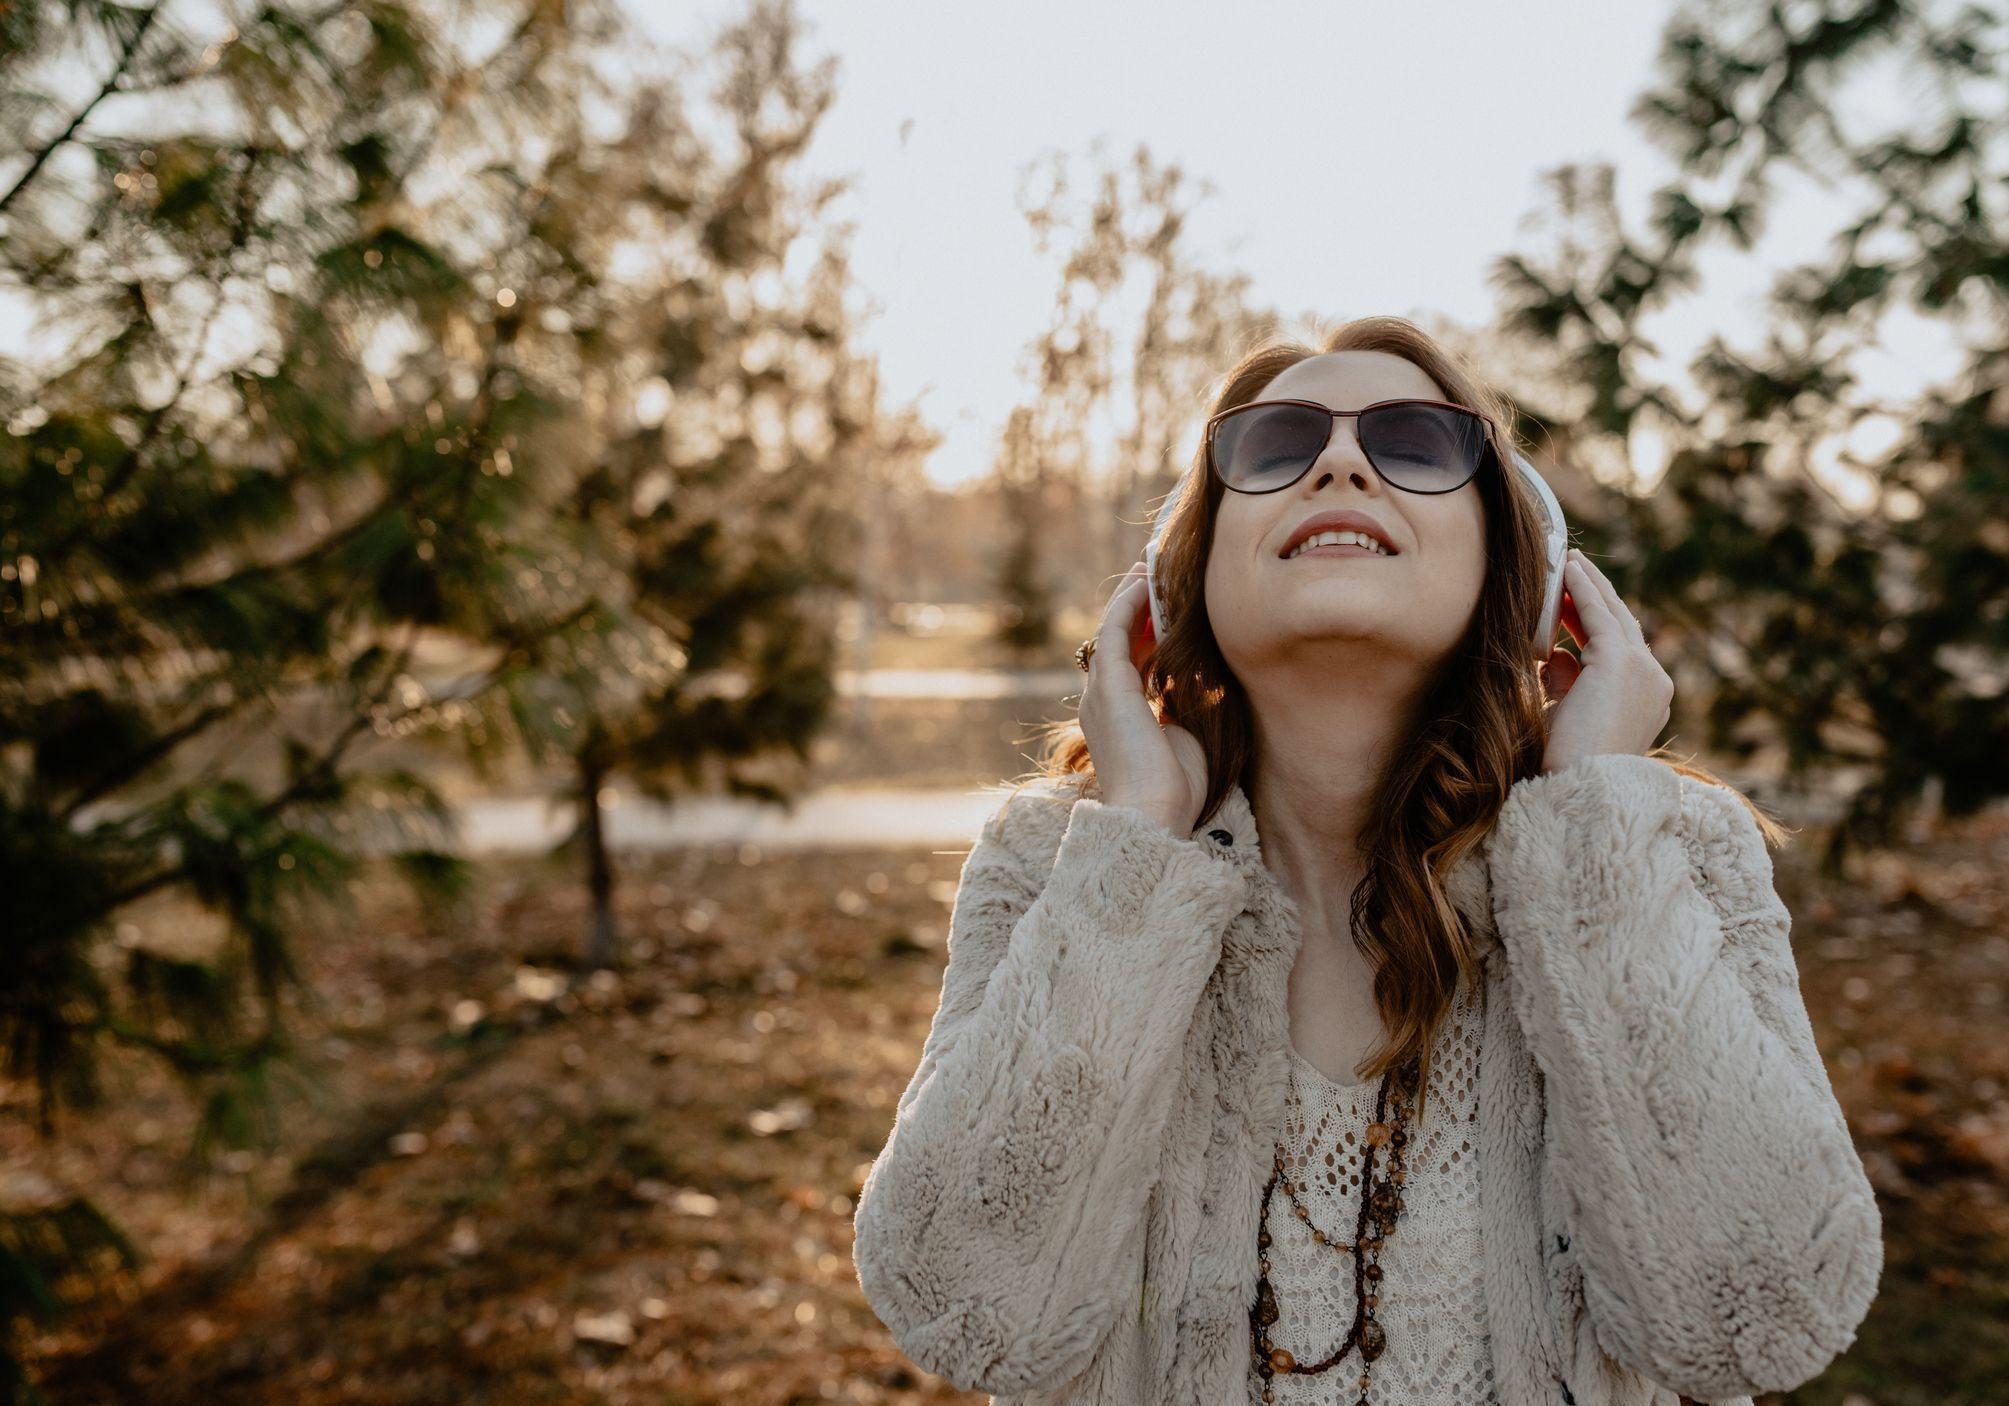 Les Chansons Qui Vous Rendent Belles Et Fortes - Elle encequiconcerne Chanson Pense À Moi